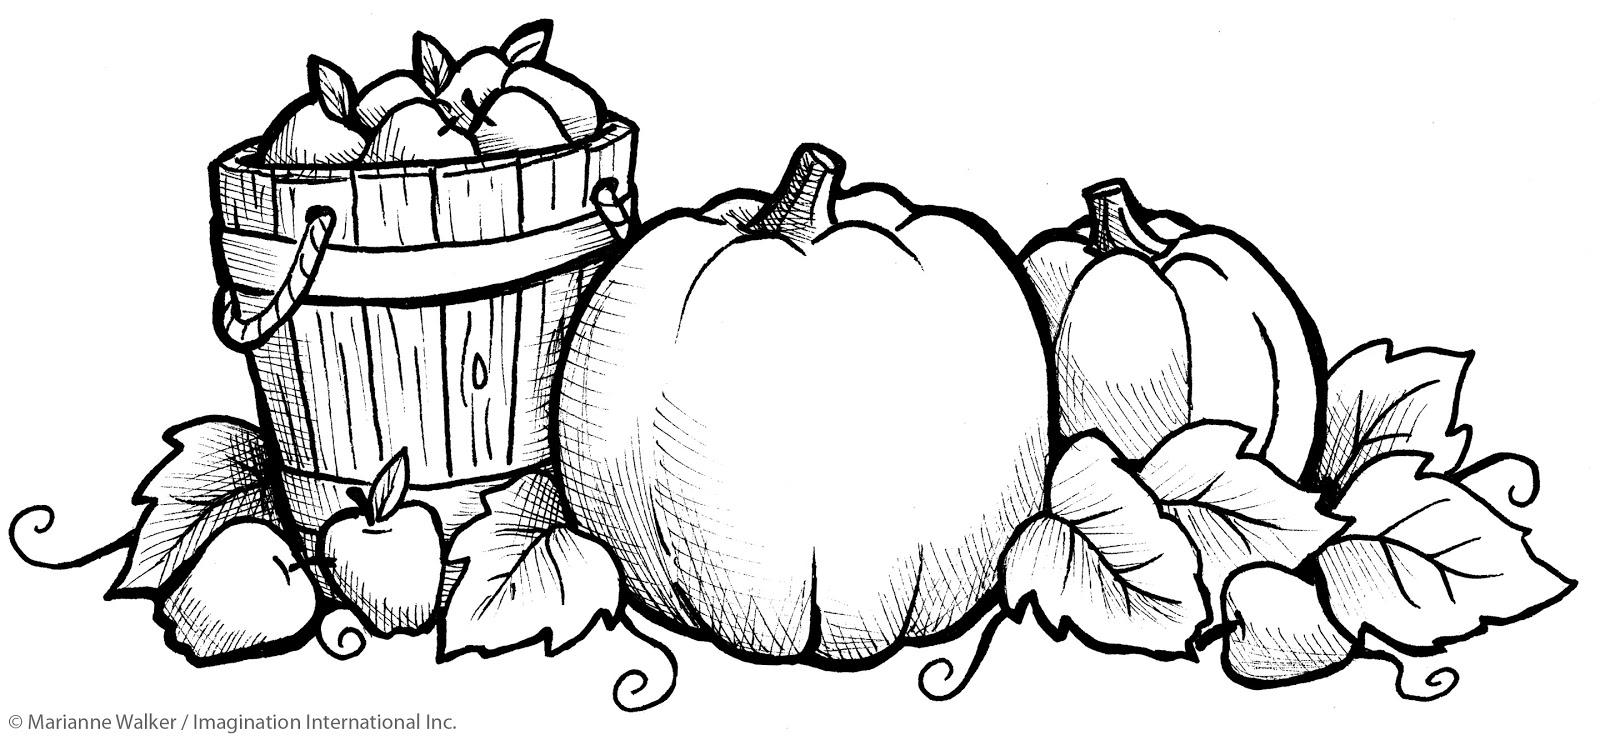 pumpkin pictures 8 best images of pumpkin cutouts printable pumpkin cut pictures pumpkin